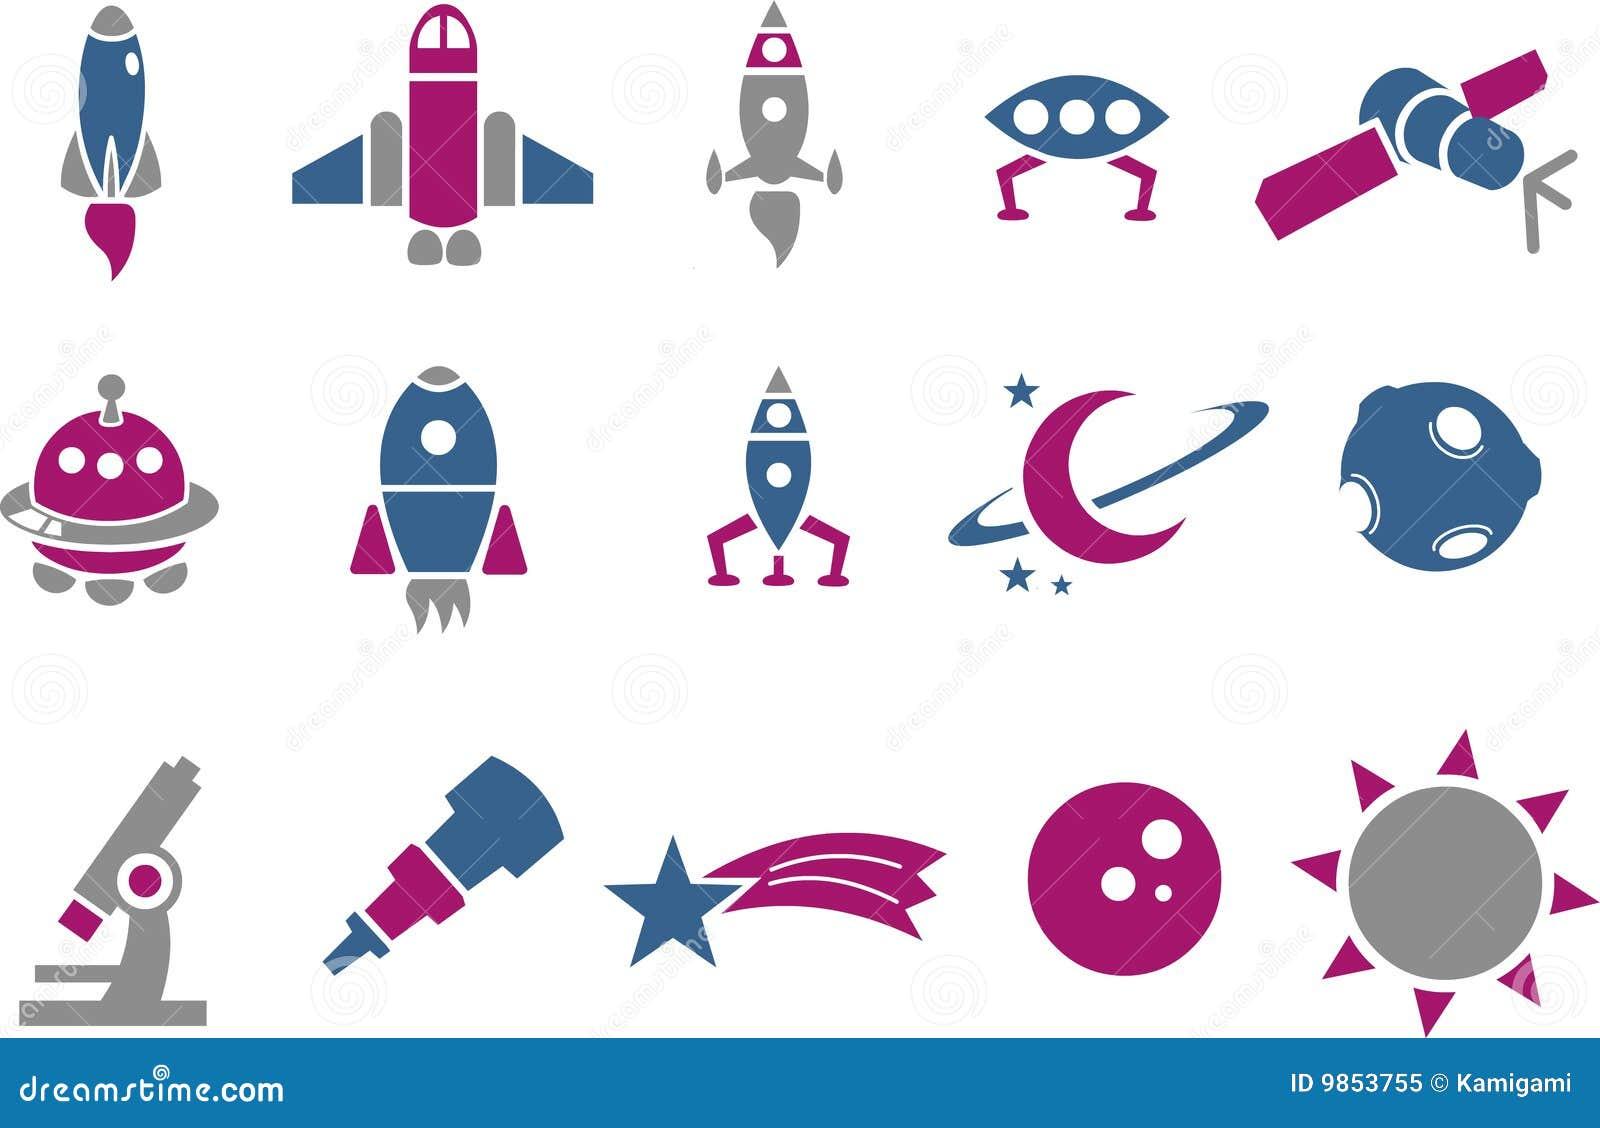 Космические иконки, бесплатные фото ...: pictures11.ru/kosmicheskie-ikonki.html